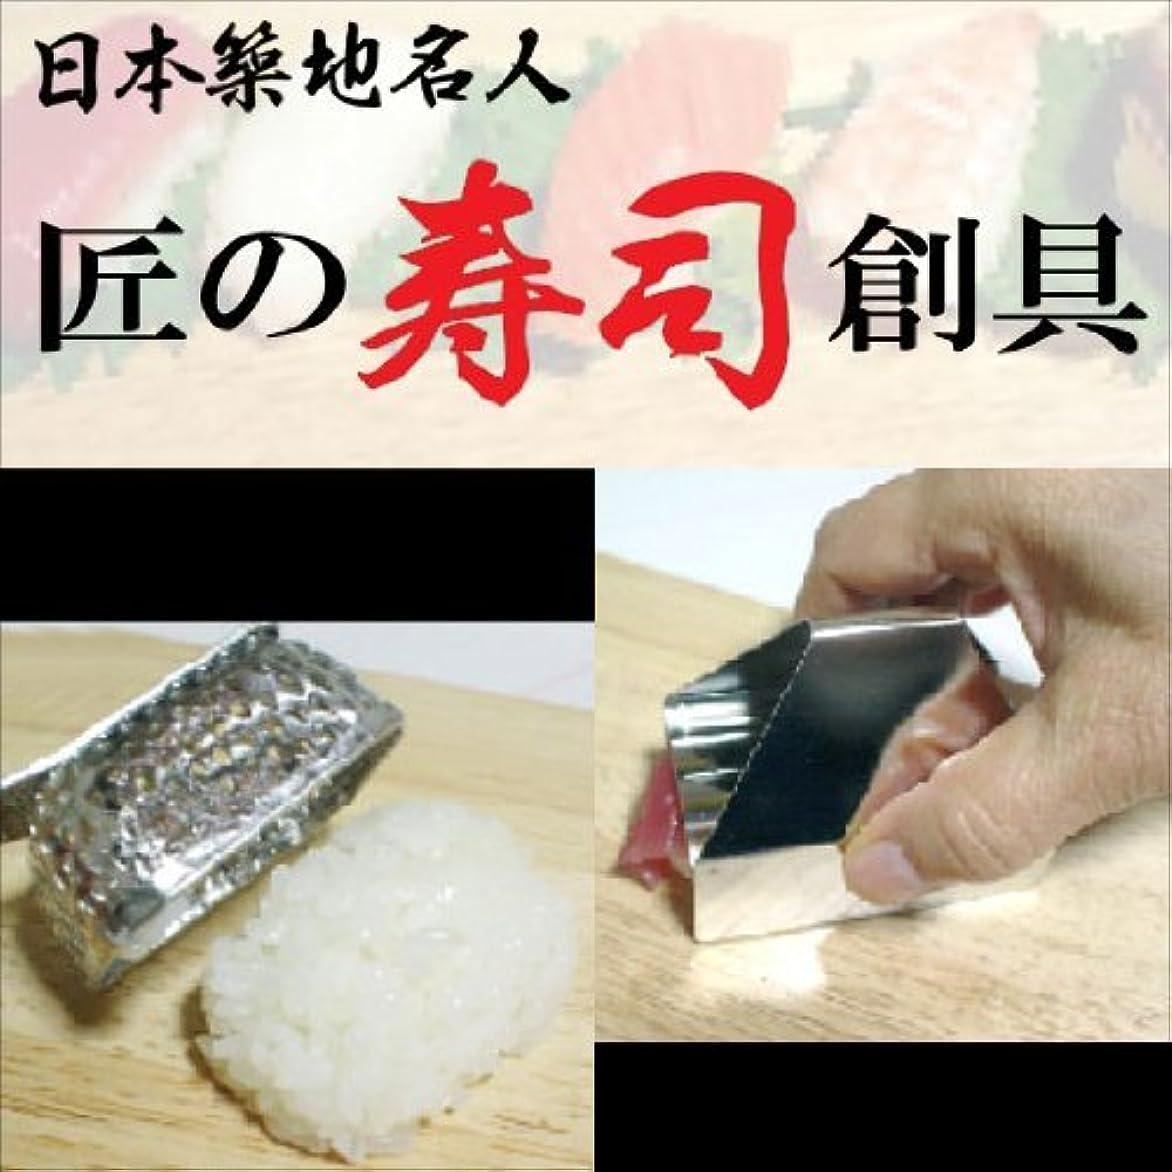 びっくりしたバラエティに匠の寿司創具 3773411